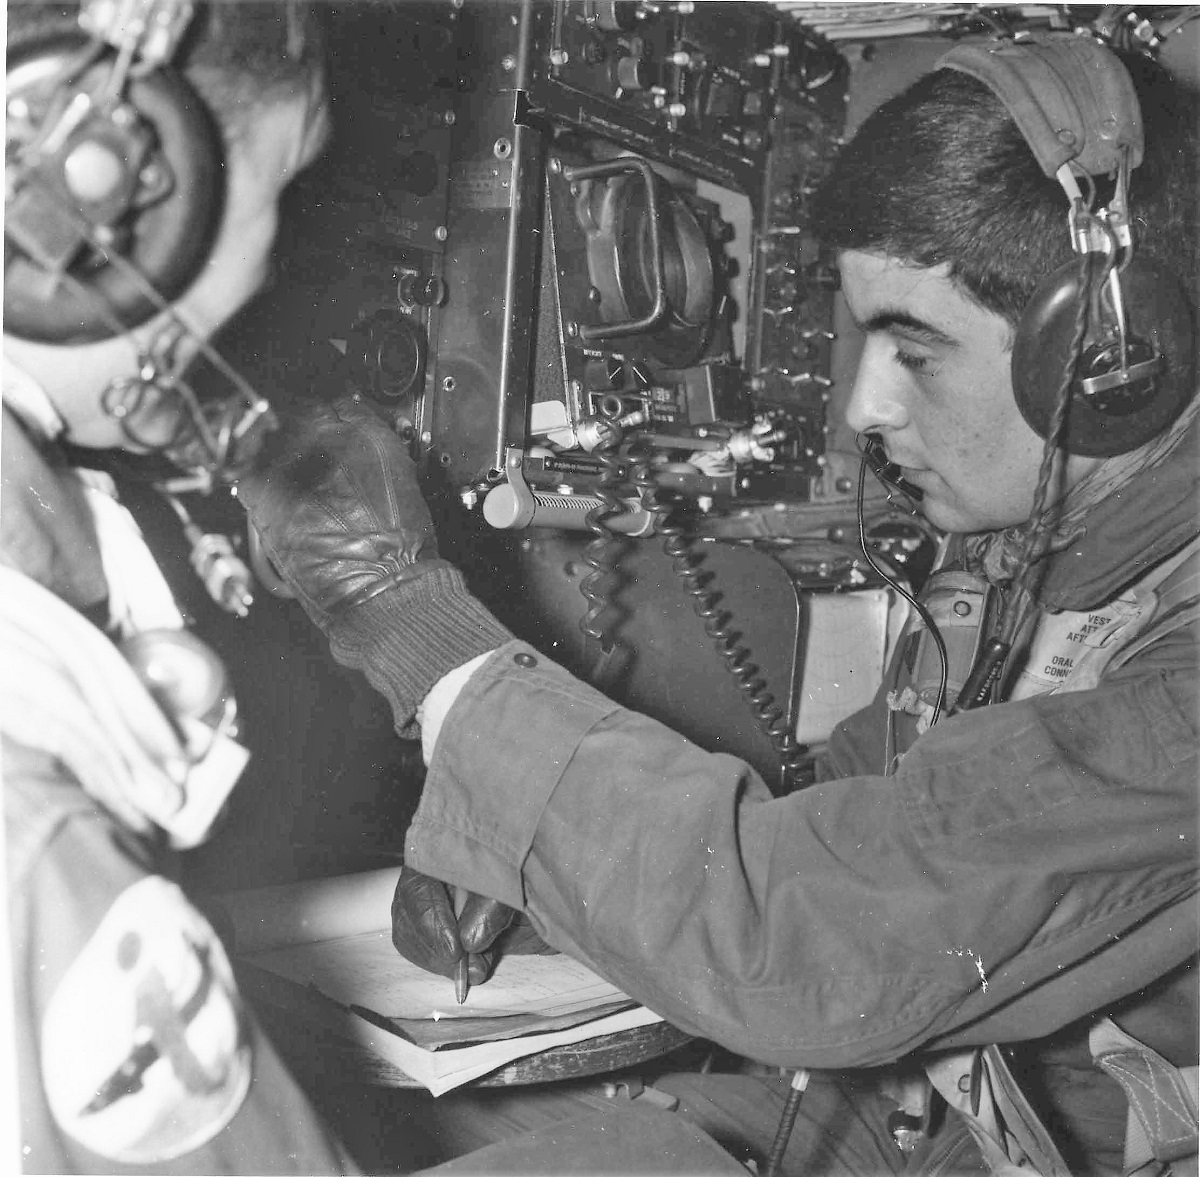 [ Aéronavale divers ] Radios volants, Radbo, Elbor, etc... - Page 2 4438_r10